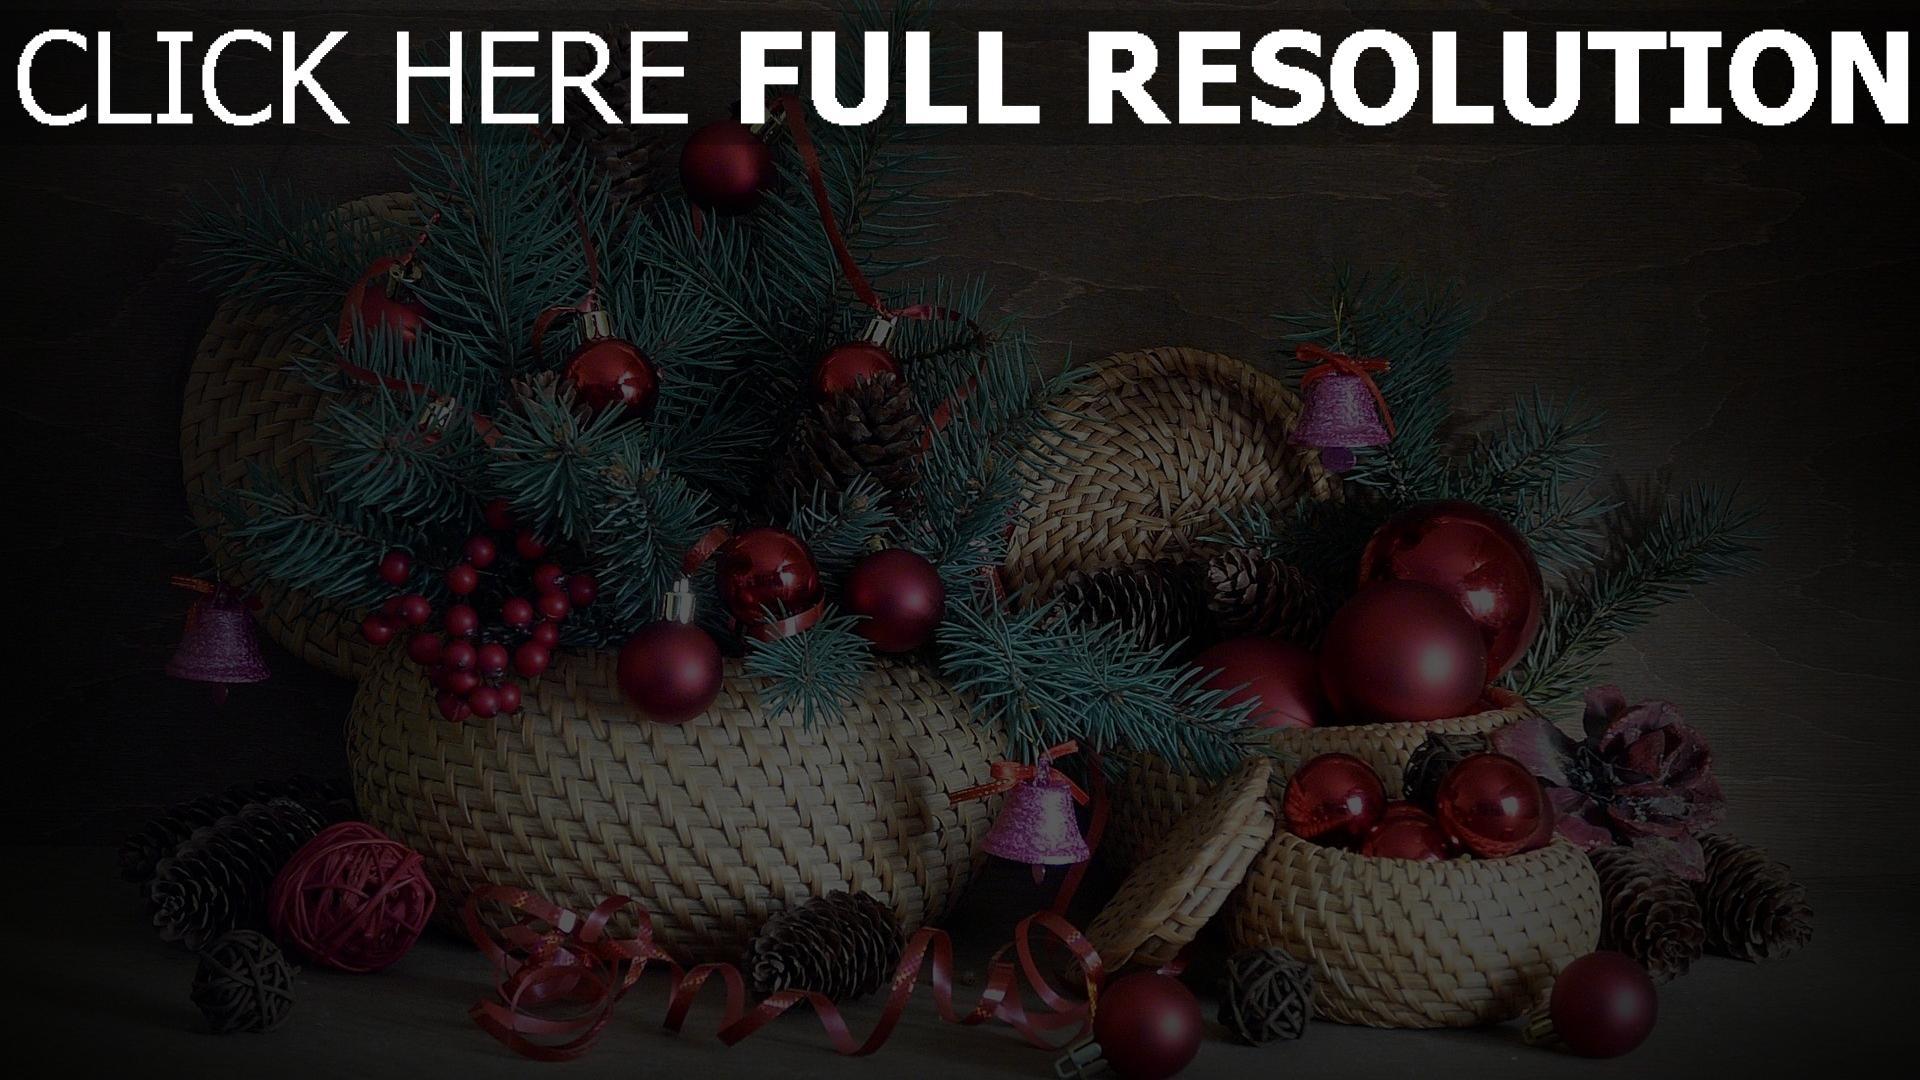 hd hintergrundbilder gewinde kegel luftballons weihnachtsdekorationen nadeln glocken band körbe 1920x1080